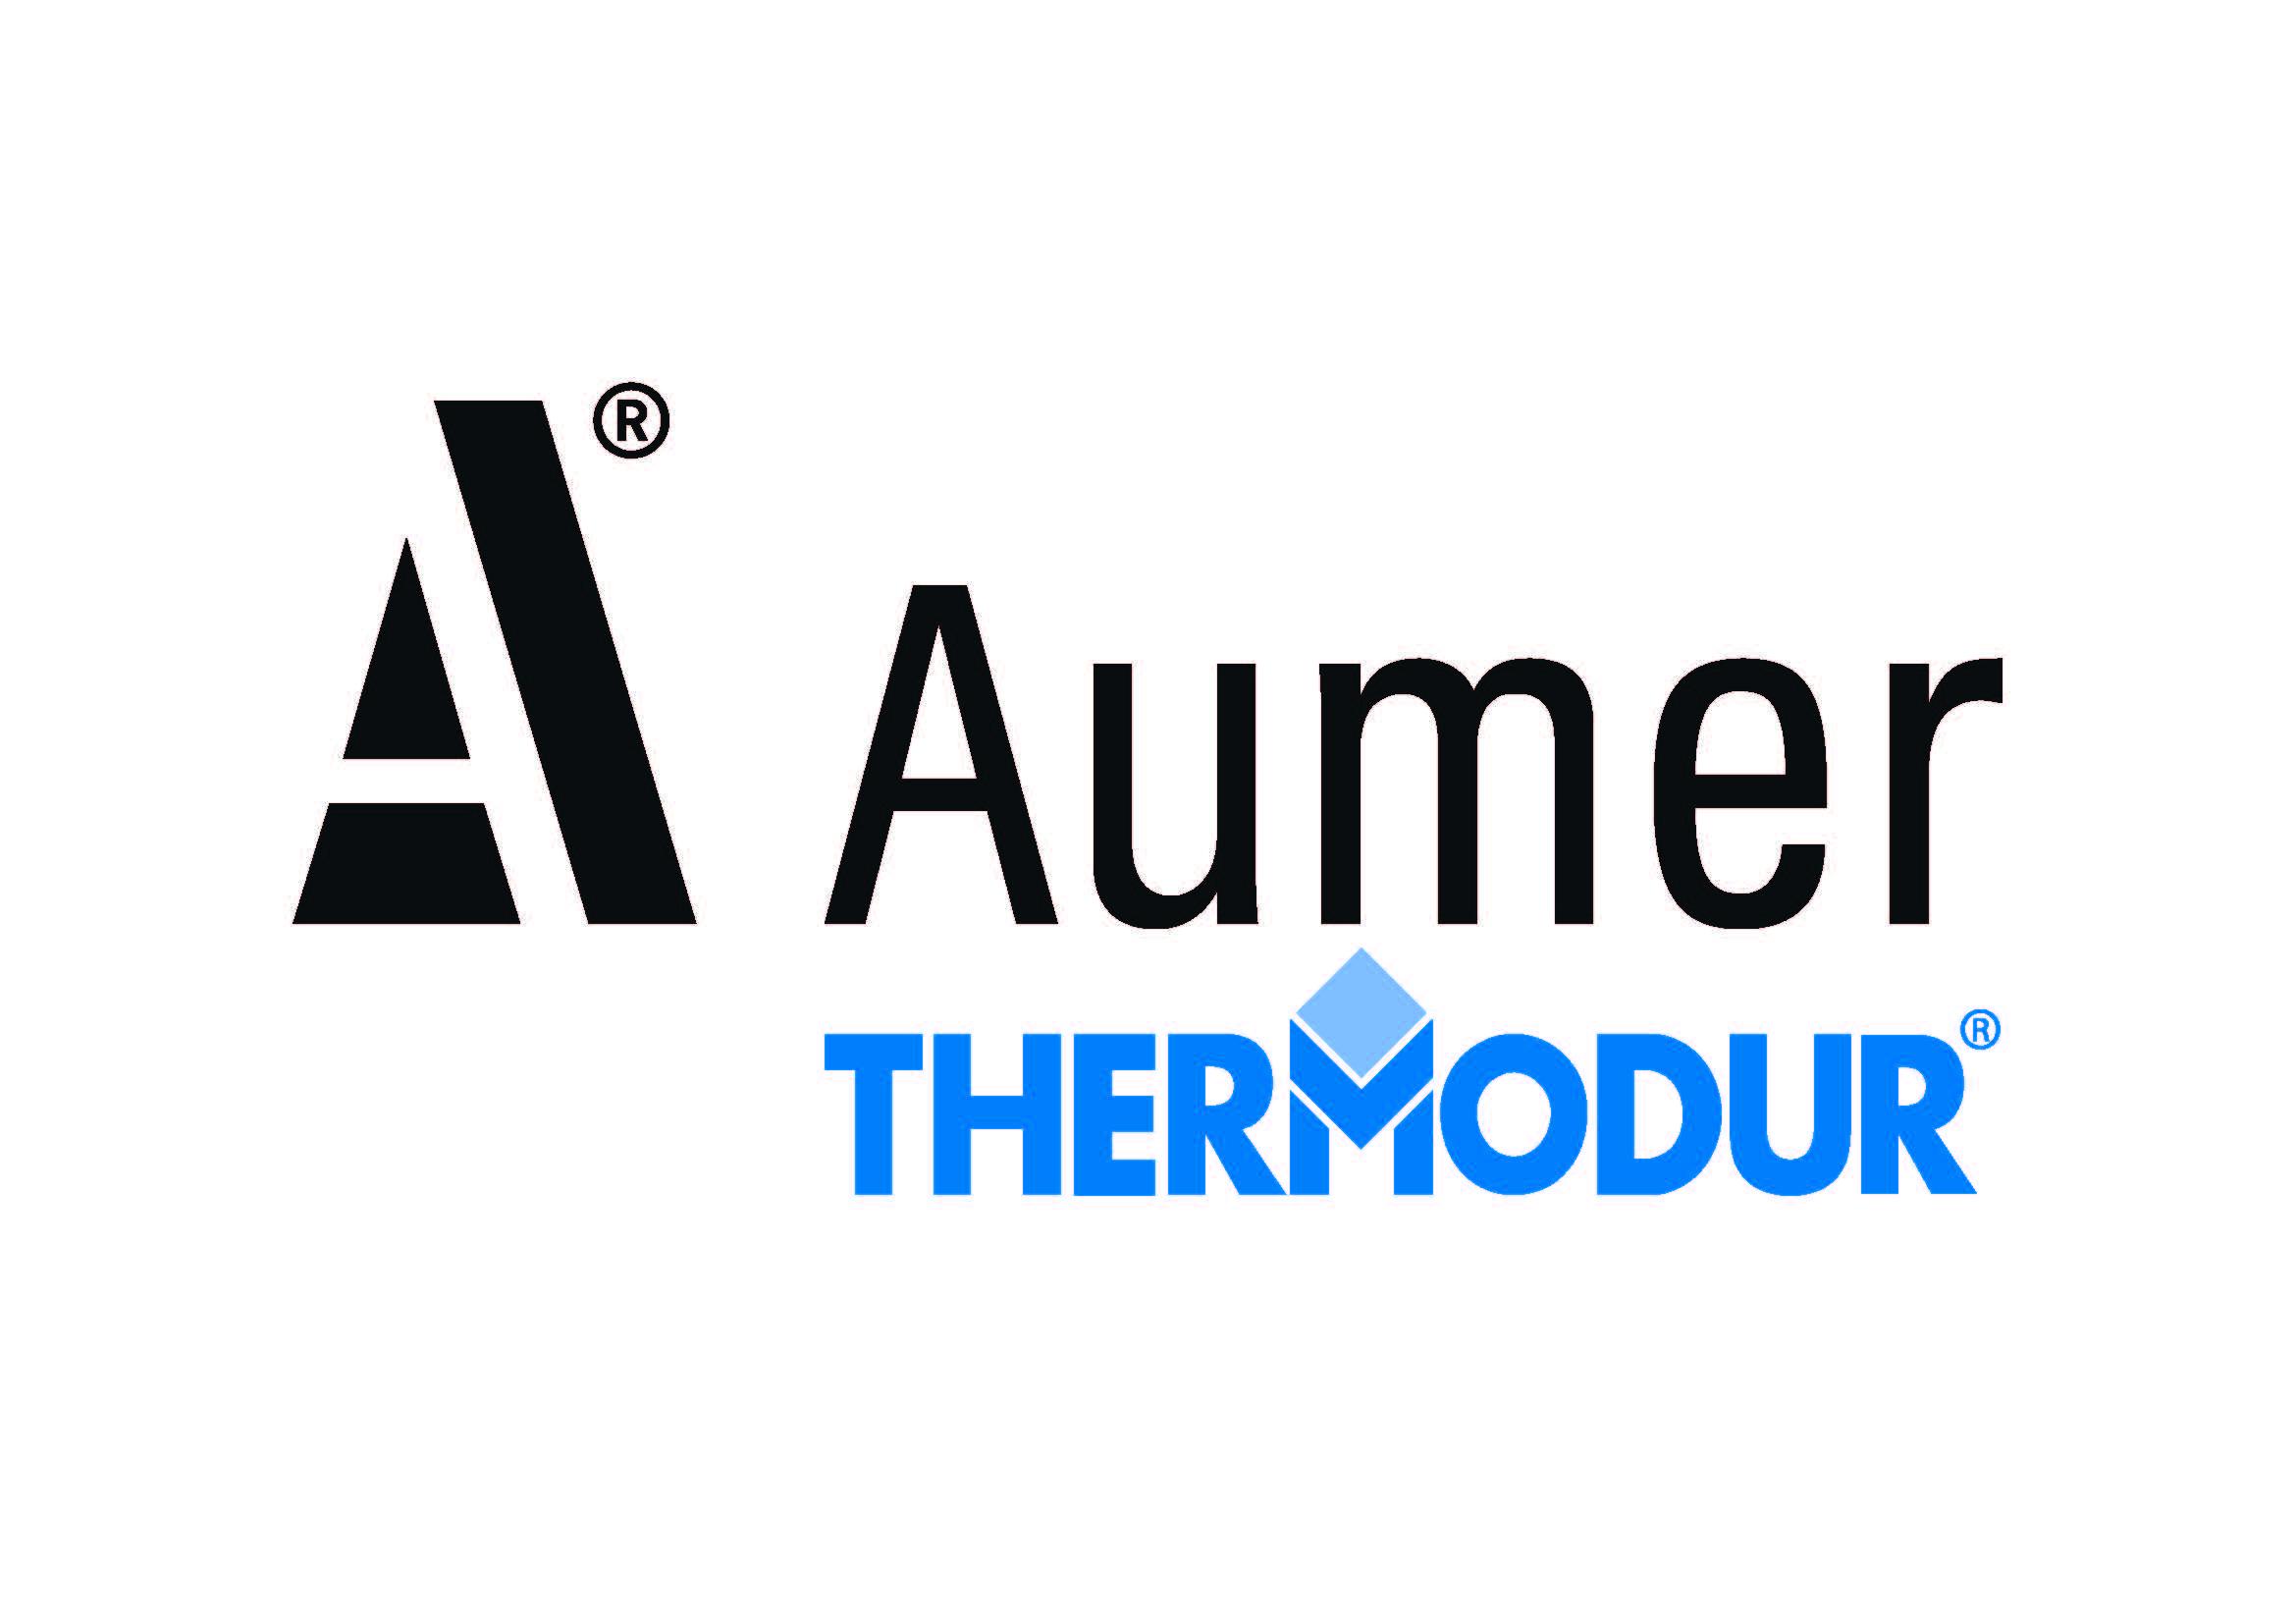 Thermodur Wandelemente GmbH